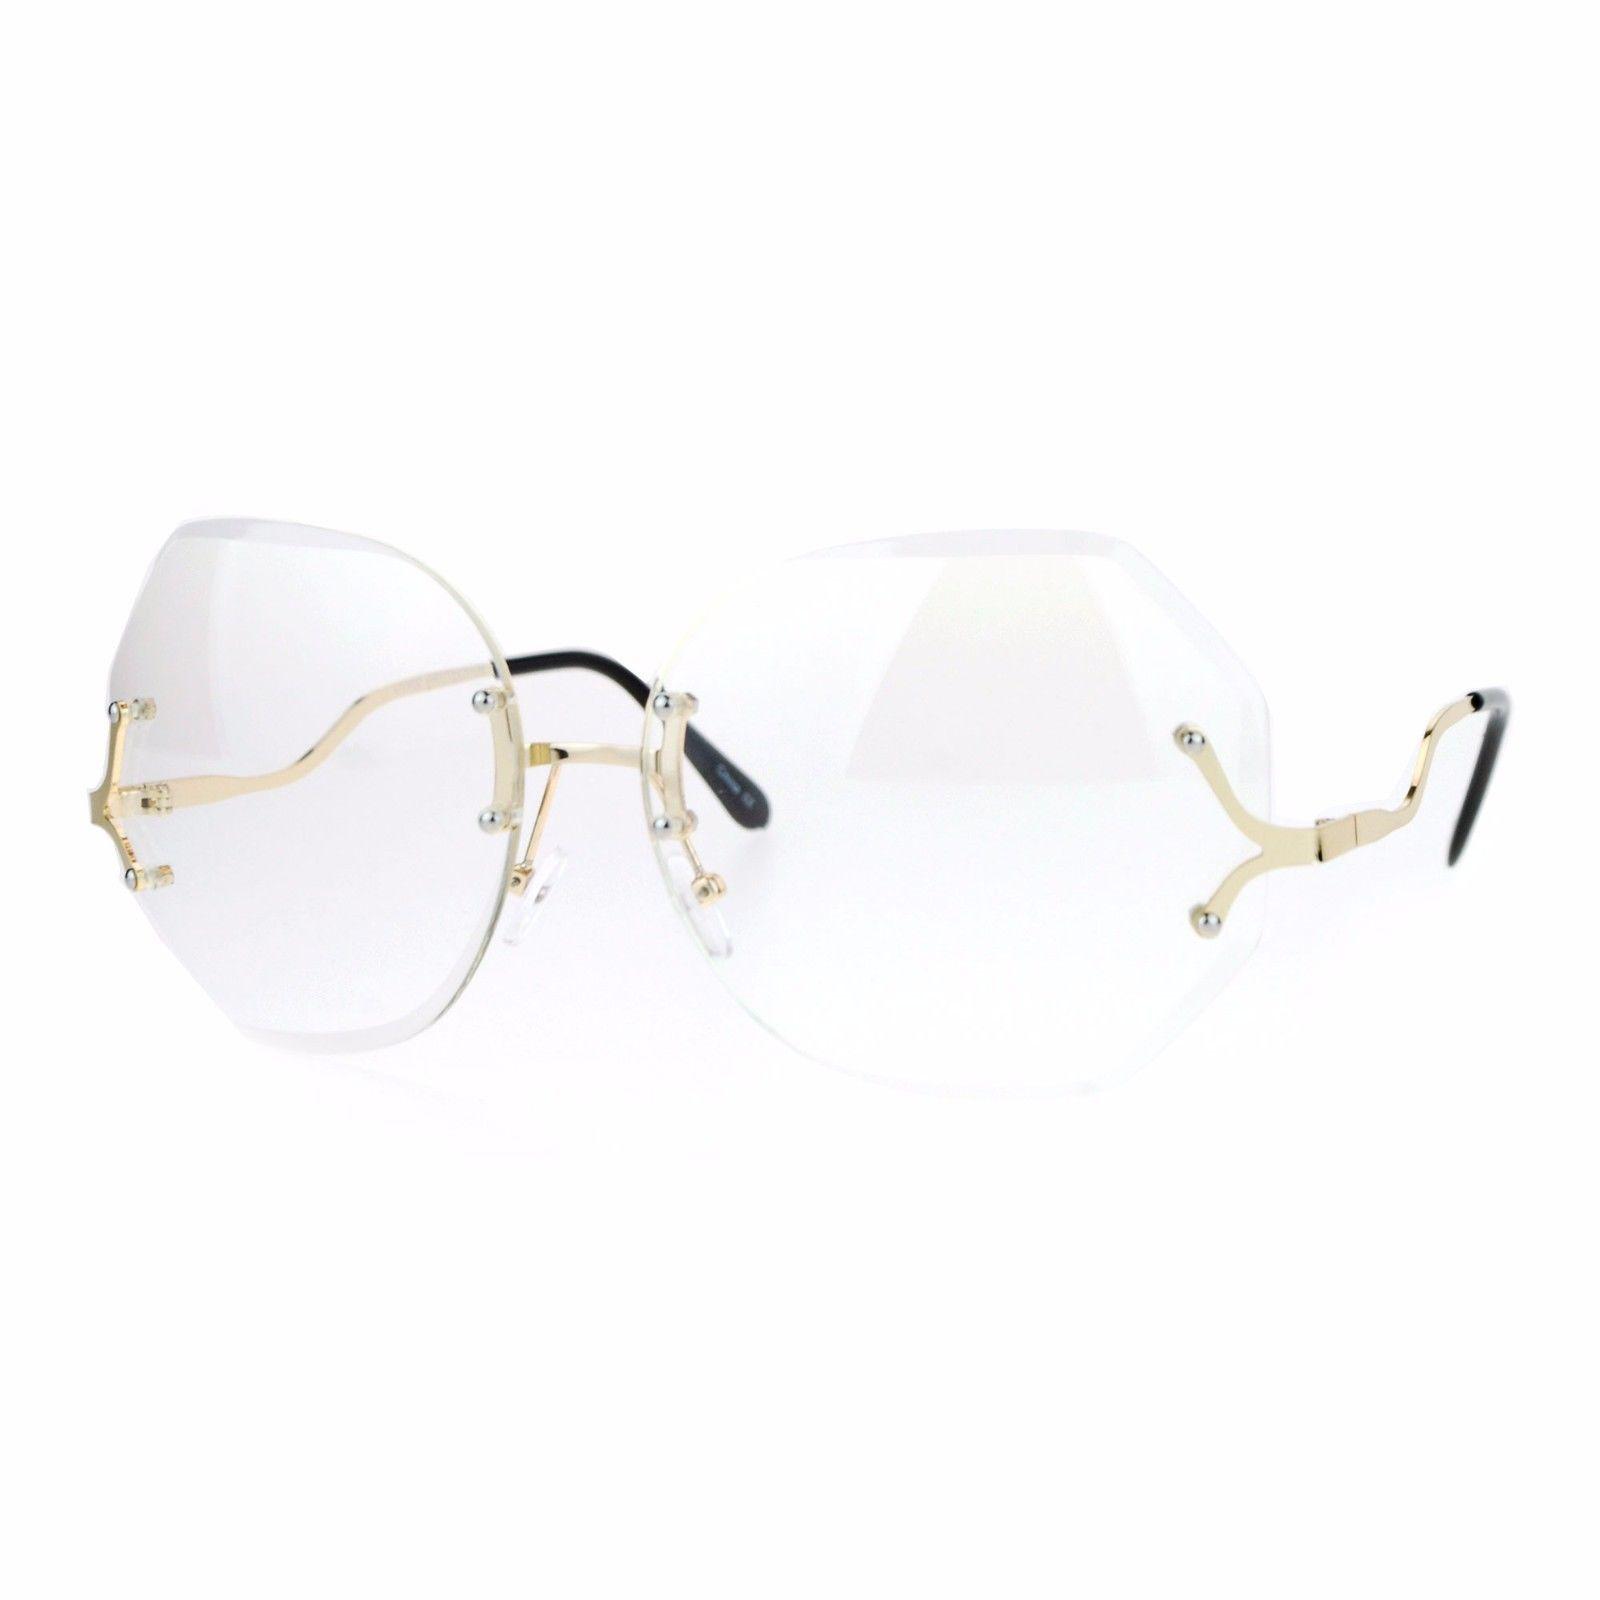 Super Oversized Clear Lens Glasses Rimless Vintage Fashion Beveled Lens